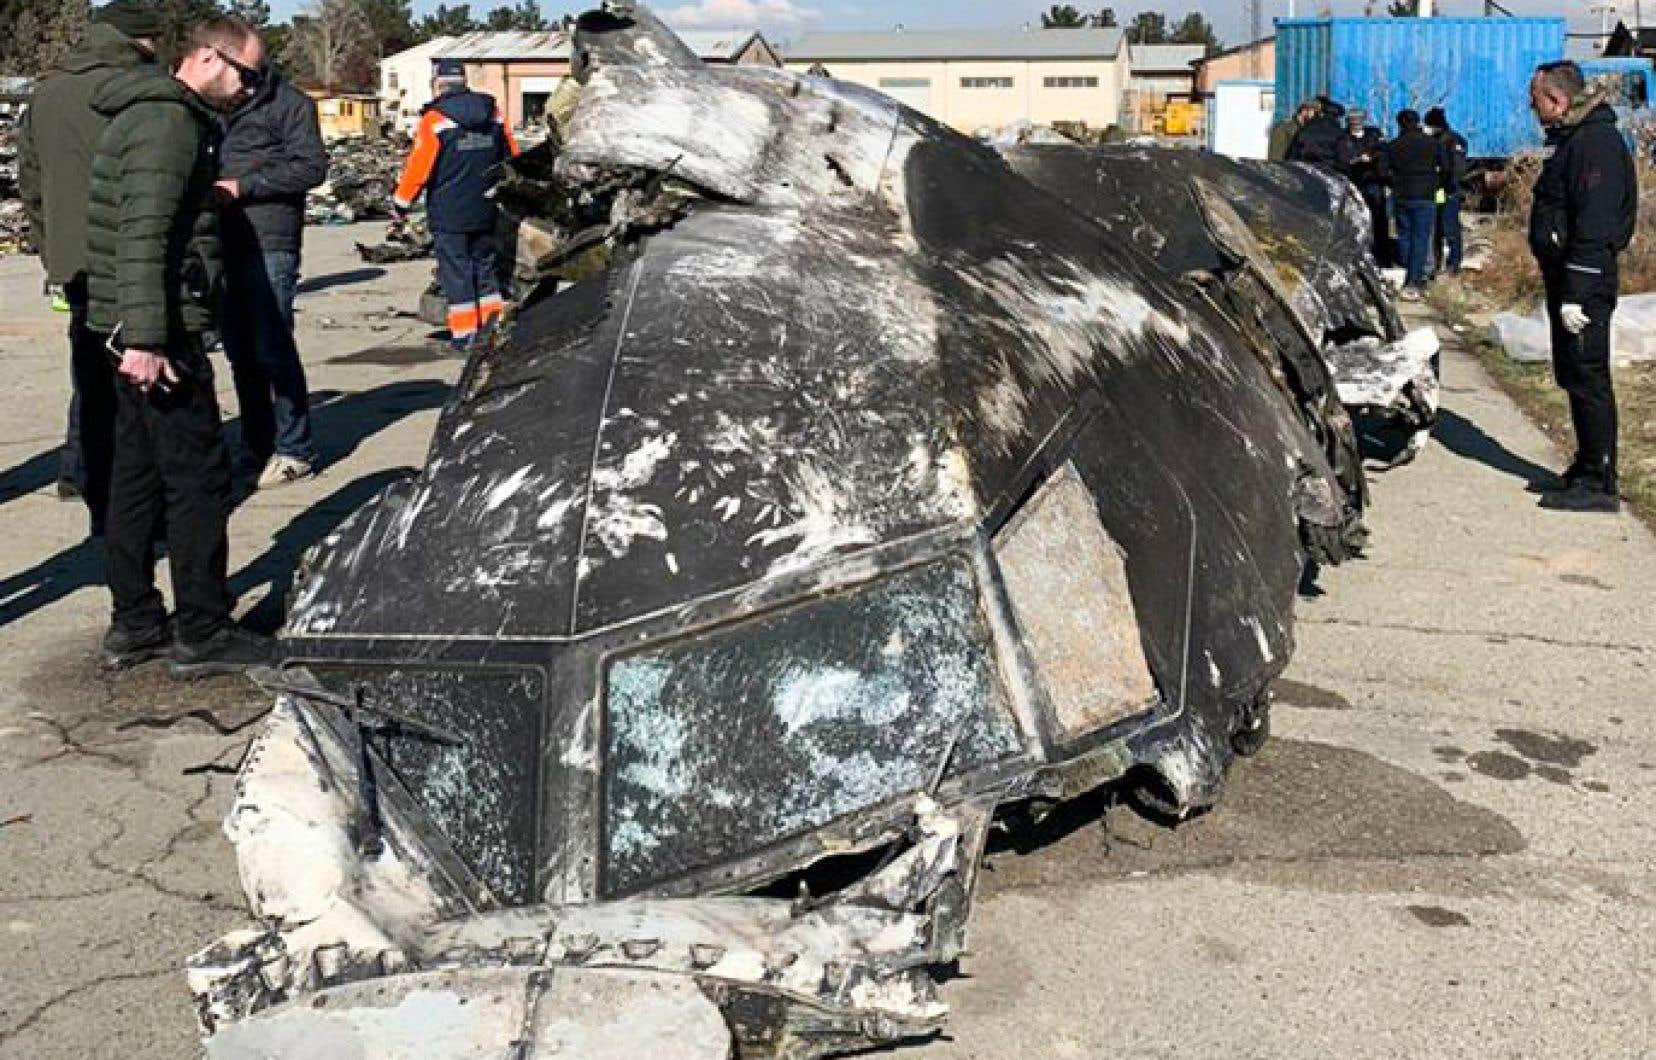 Le 8 janvier 2020, deux missiles lancés par l'armée iranienne ont touché un avion Boeing d'Ukrainian Airlines, tuant ses 176 occupants à bord.